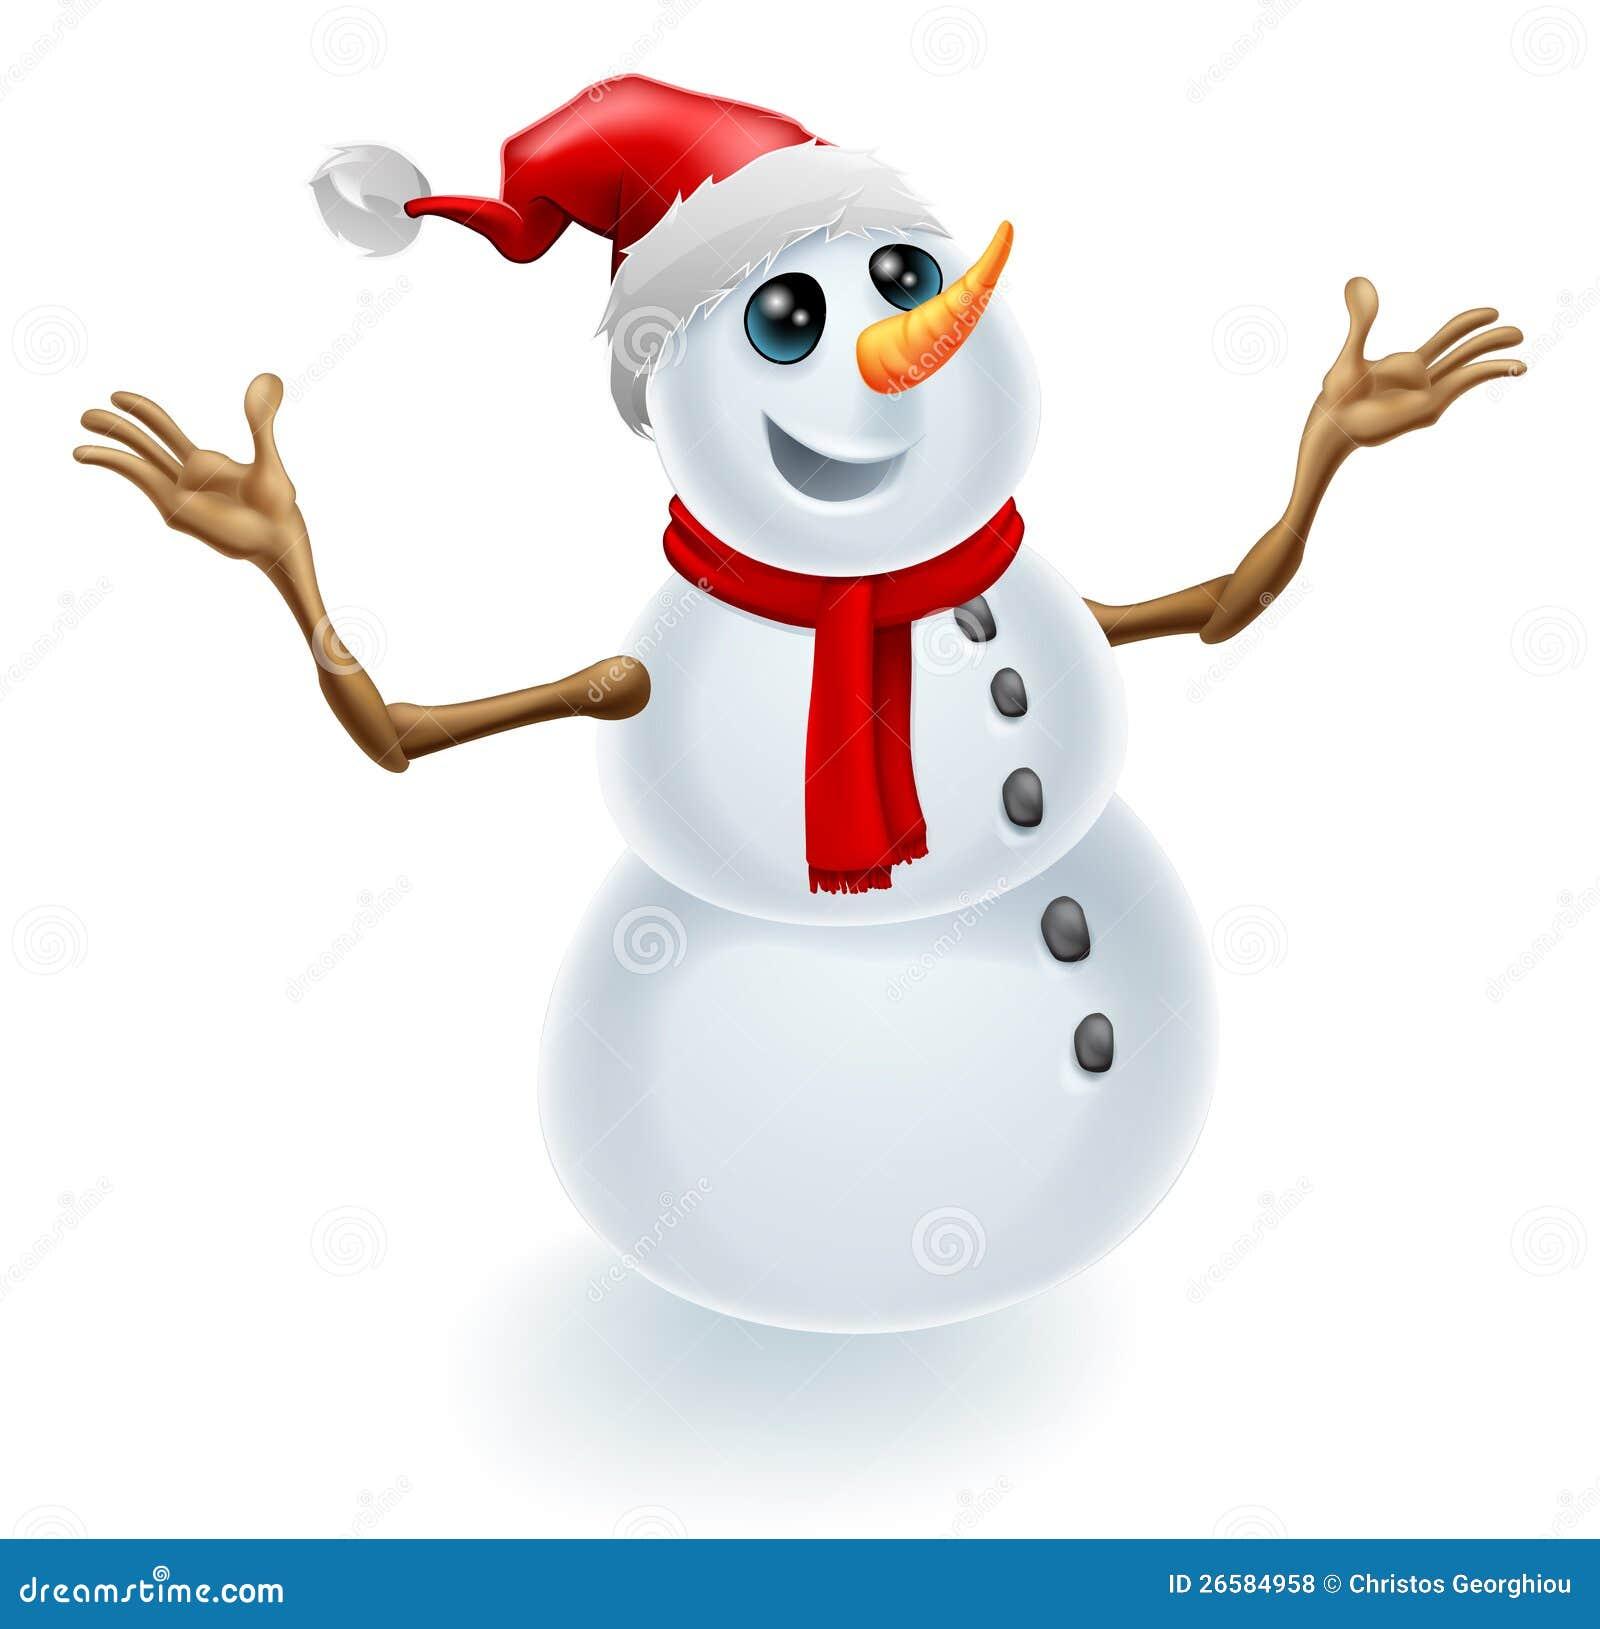 Bonhomme de neige de no l utilisant le chapeau de santa illustration de vecteur illustration - Clipart bonhomme de neige ...